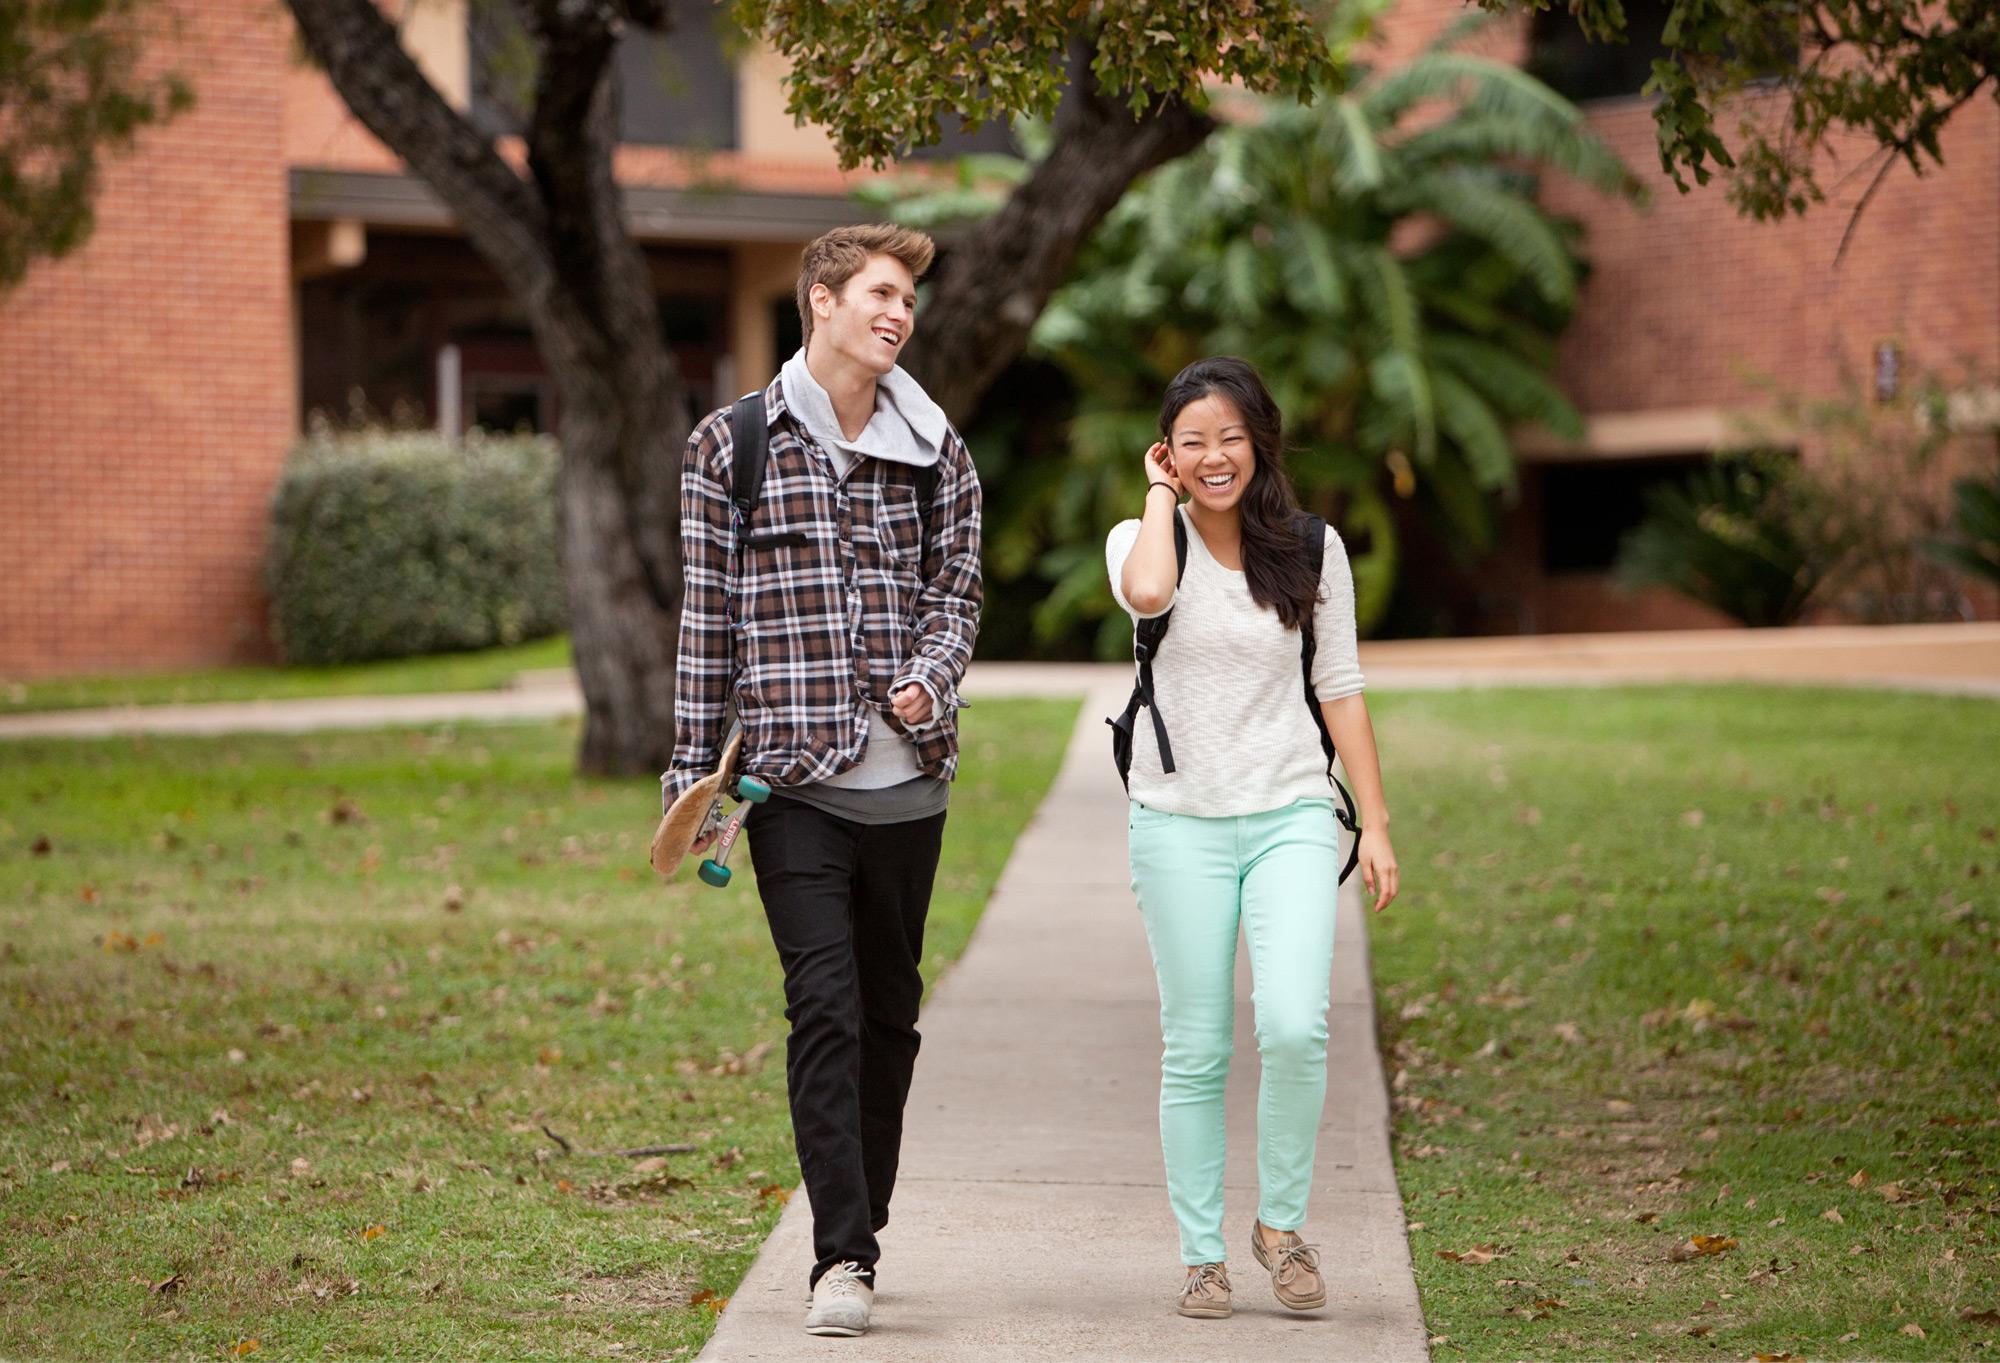 17_students_walking.jpg